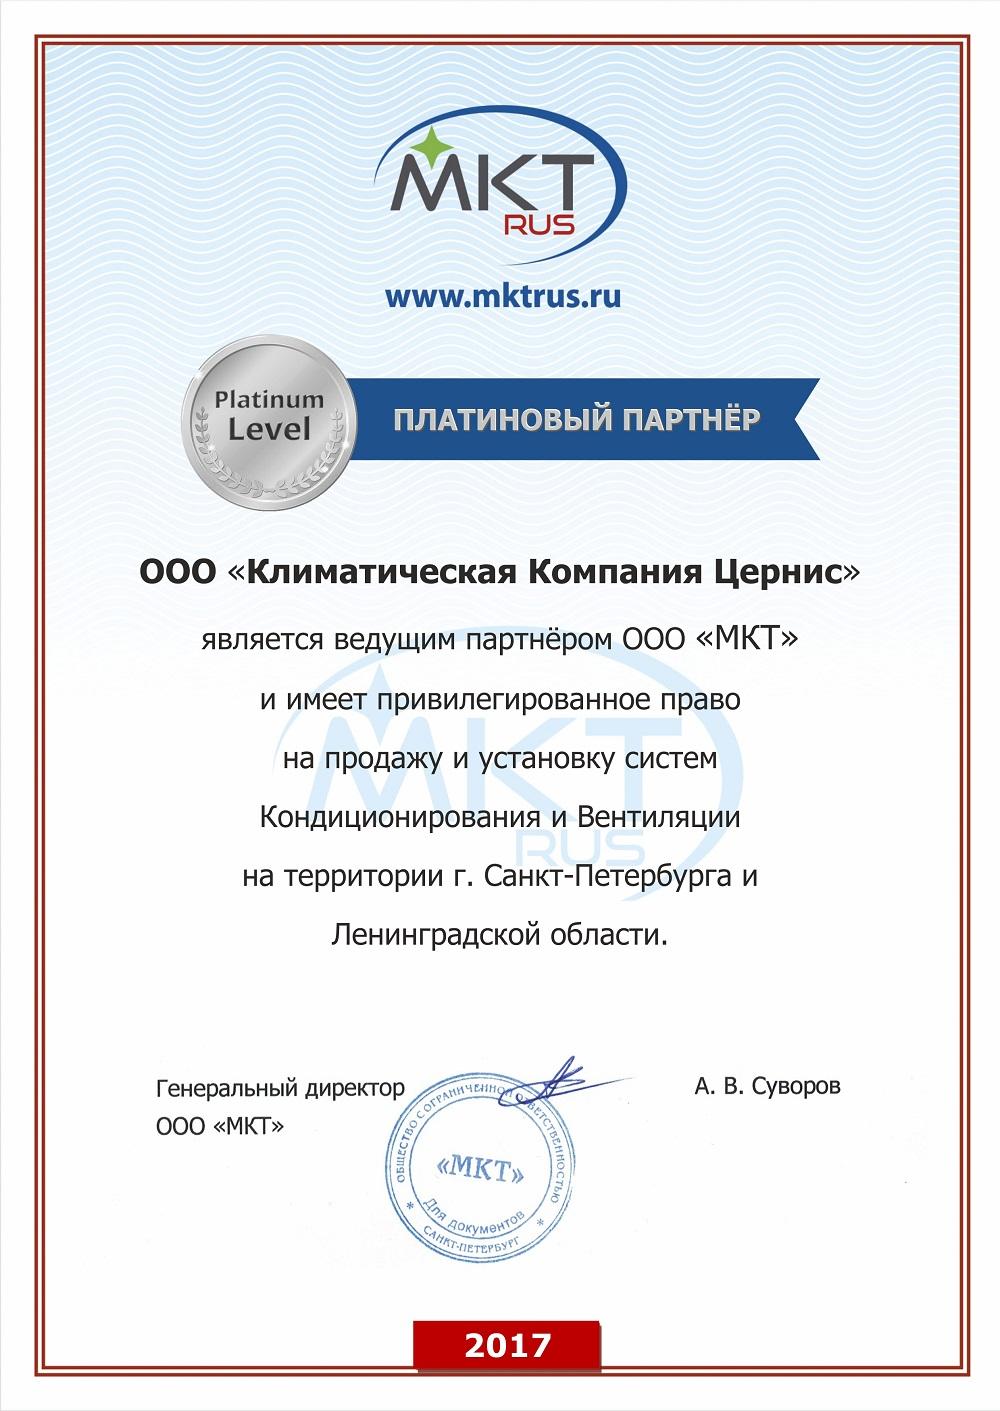 Наша многолетняя успешная деятельность была отмечена получением «Платинового сертификата МКТ»